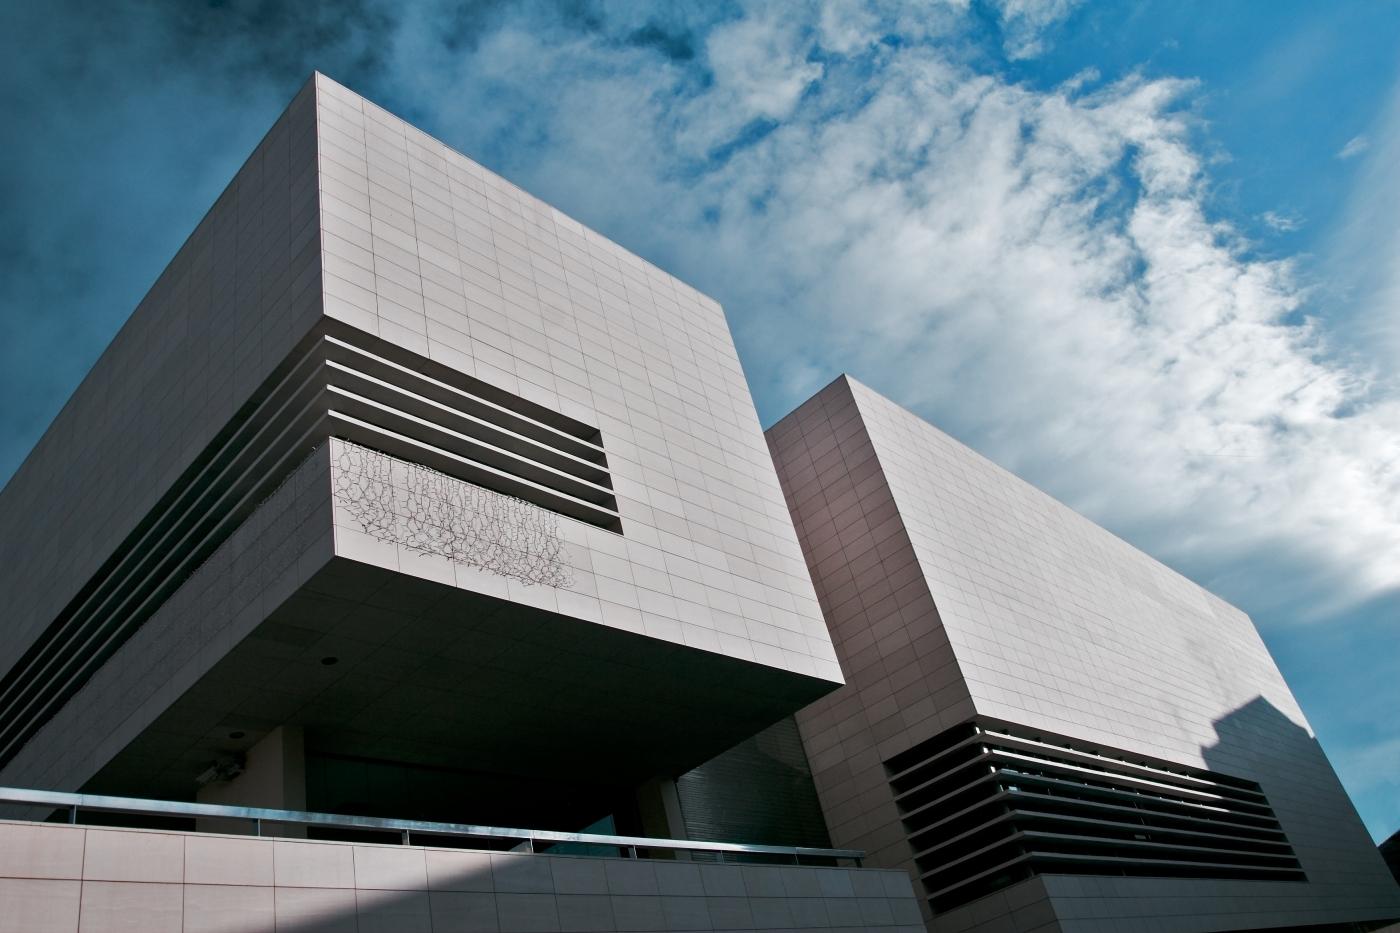 Galer a de nueve estudios de arquitectura compiten por - Estudios arquitectura valencia ...